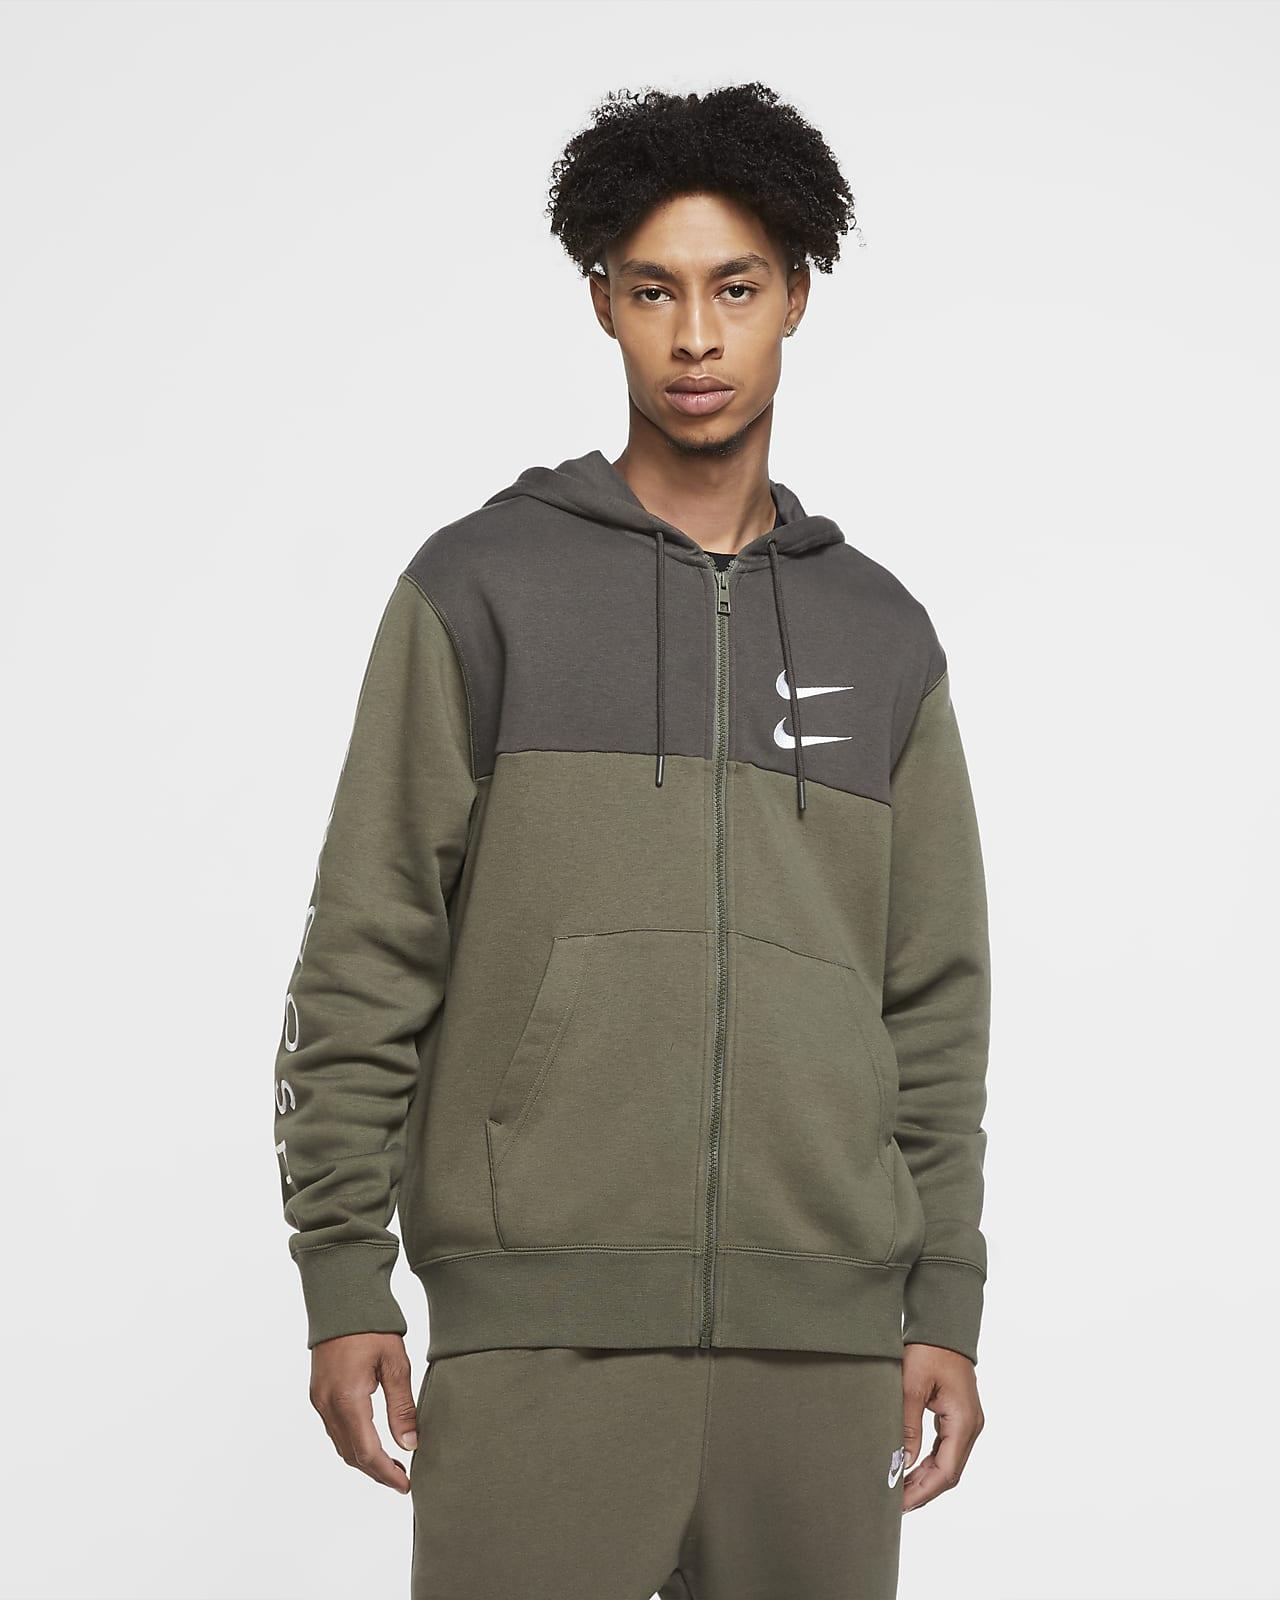 Huvtröja Nike Sportswear Swoosh med hel dragkedja för män